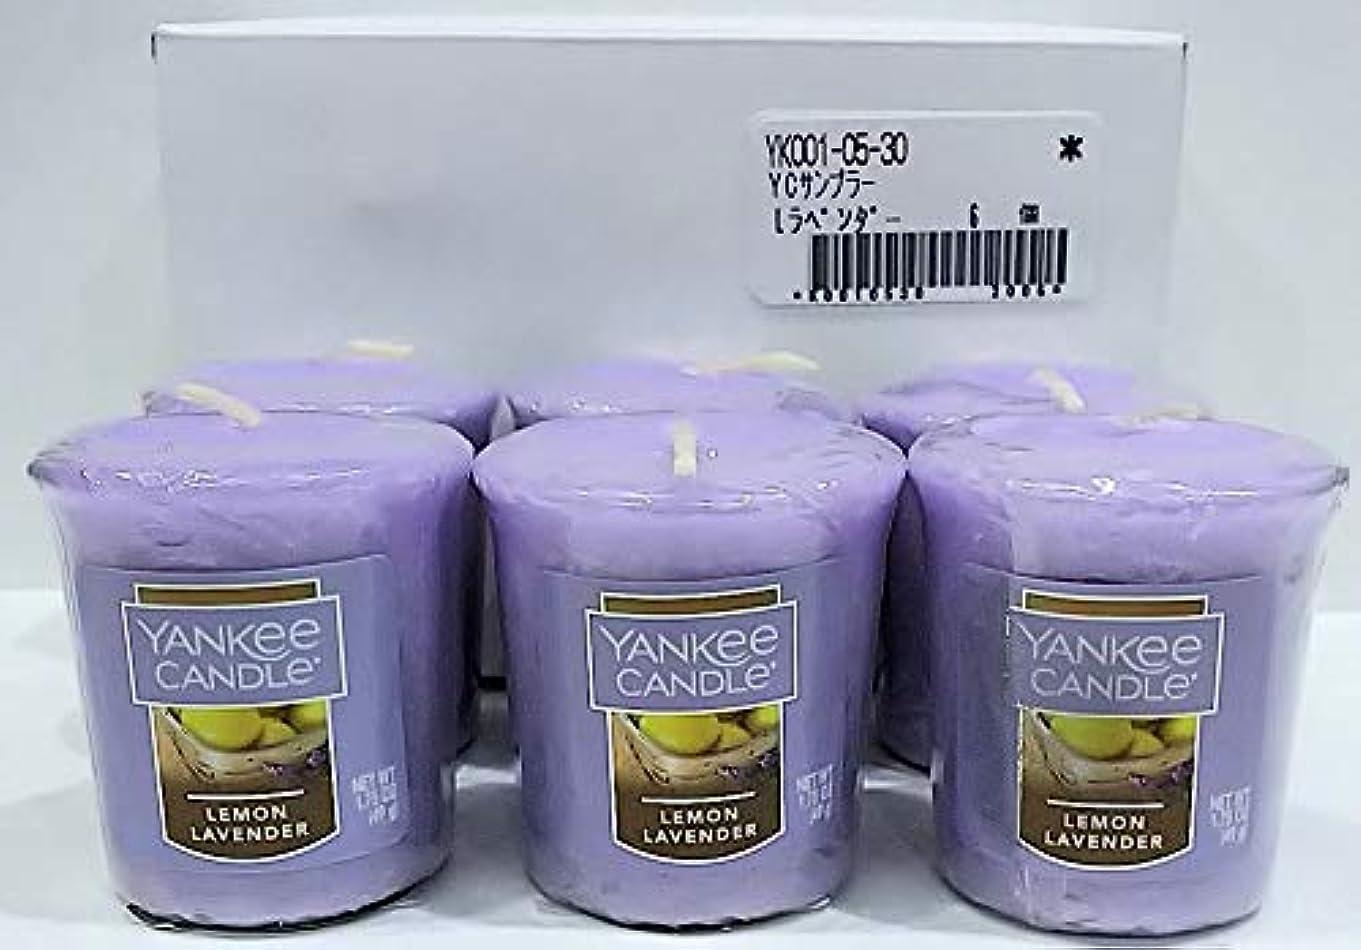 聞きます生き残りマニアヤンキーキャンドル サンプラー お試しサイズ レモンラベンダー 6個セット 燃焼時間約15時間 YANKEECANDLE アメリカ製